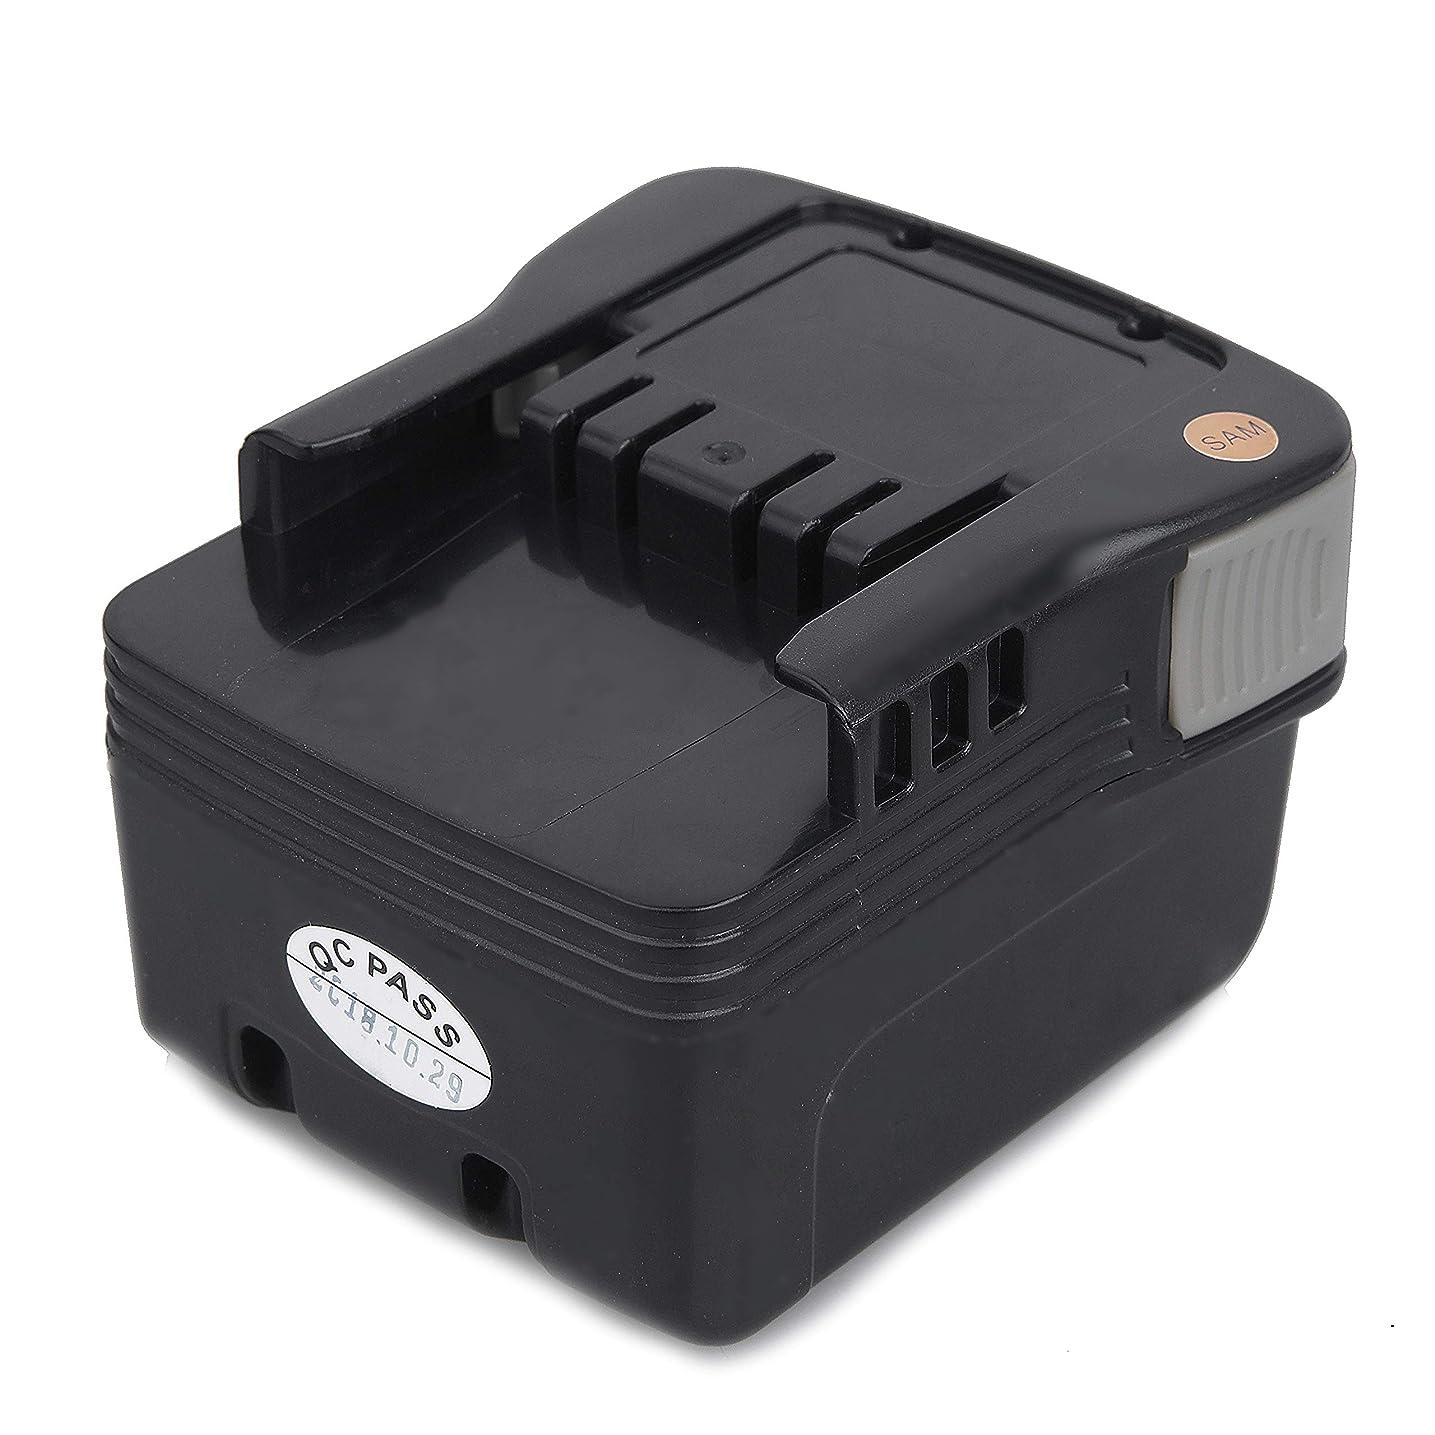 順応性のある呼びかける連帯Vinteky Ryobi リョービ 14.4V バッテリー B-1430L B-1415L B-1425L 互換 電池パック リチウムイオン電池 (14.4V 3000mAh)